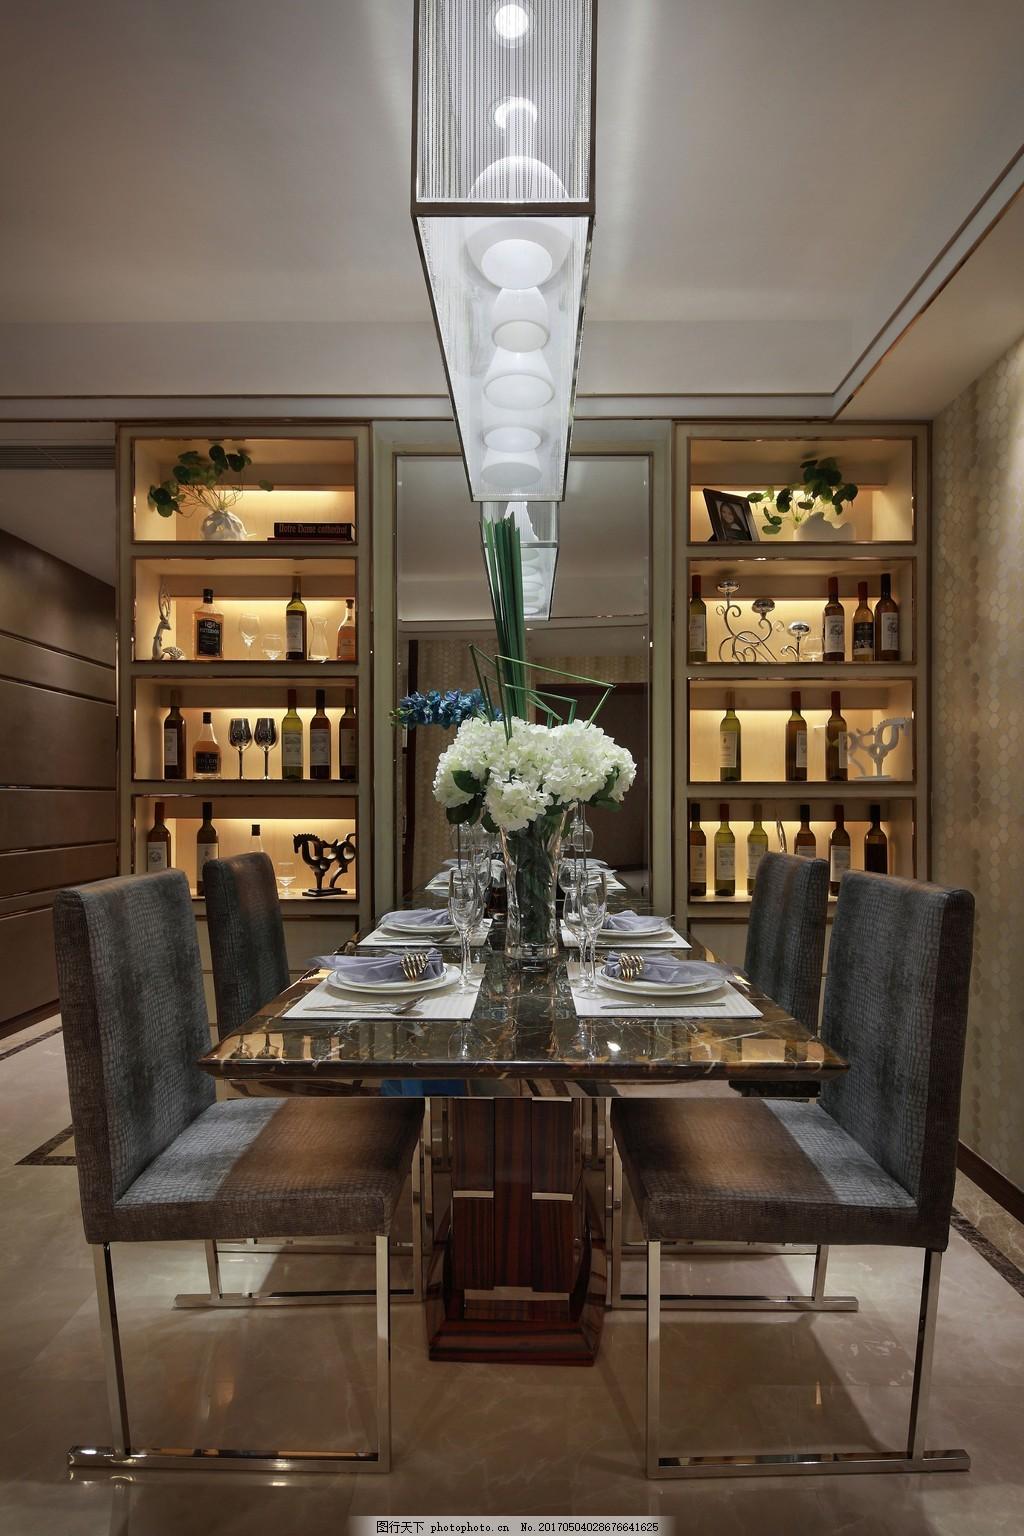 时尚餐厅餐桌酒柜设计图 家居 家居生活 室内设计 装修 室内 家具